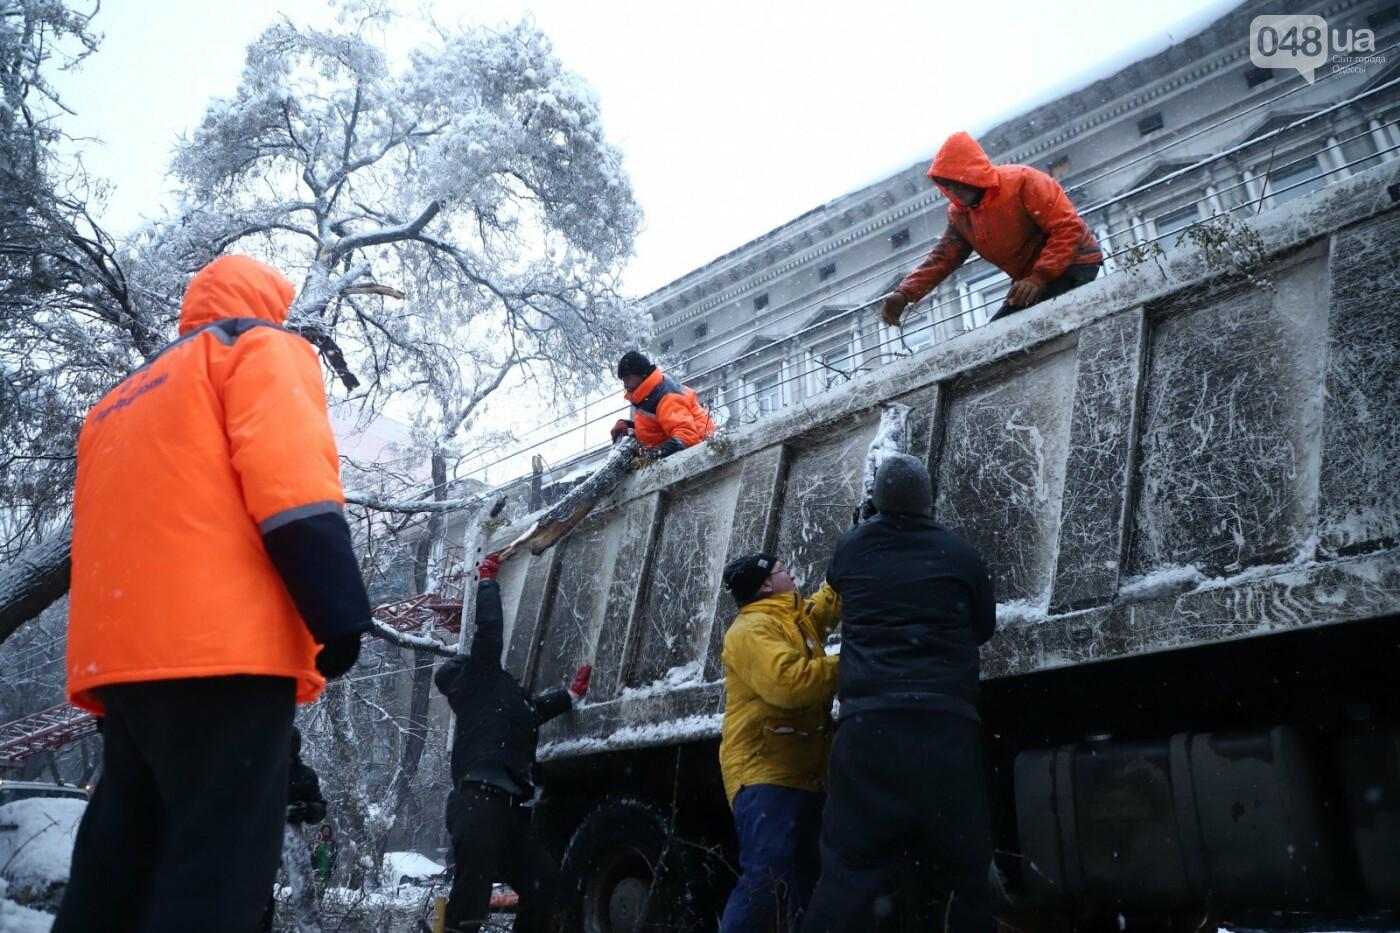 Труханов попросил одесситов сидеть дома и не мешать работать коммунальщикам, - ФОТО, ВИДЕО, фото-2